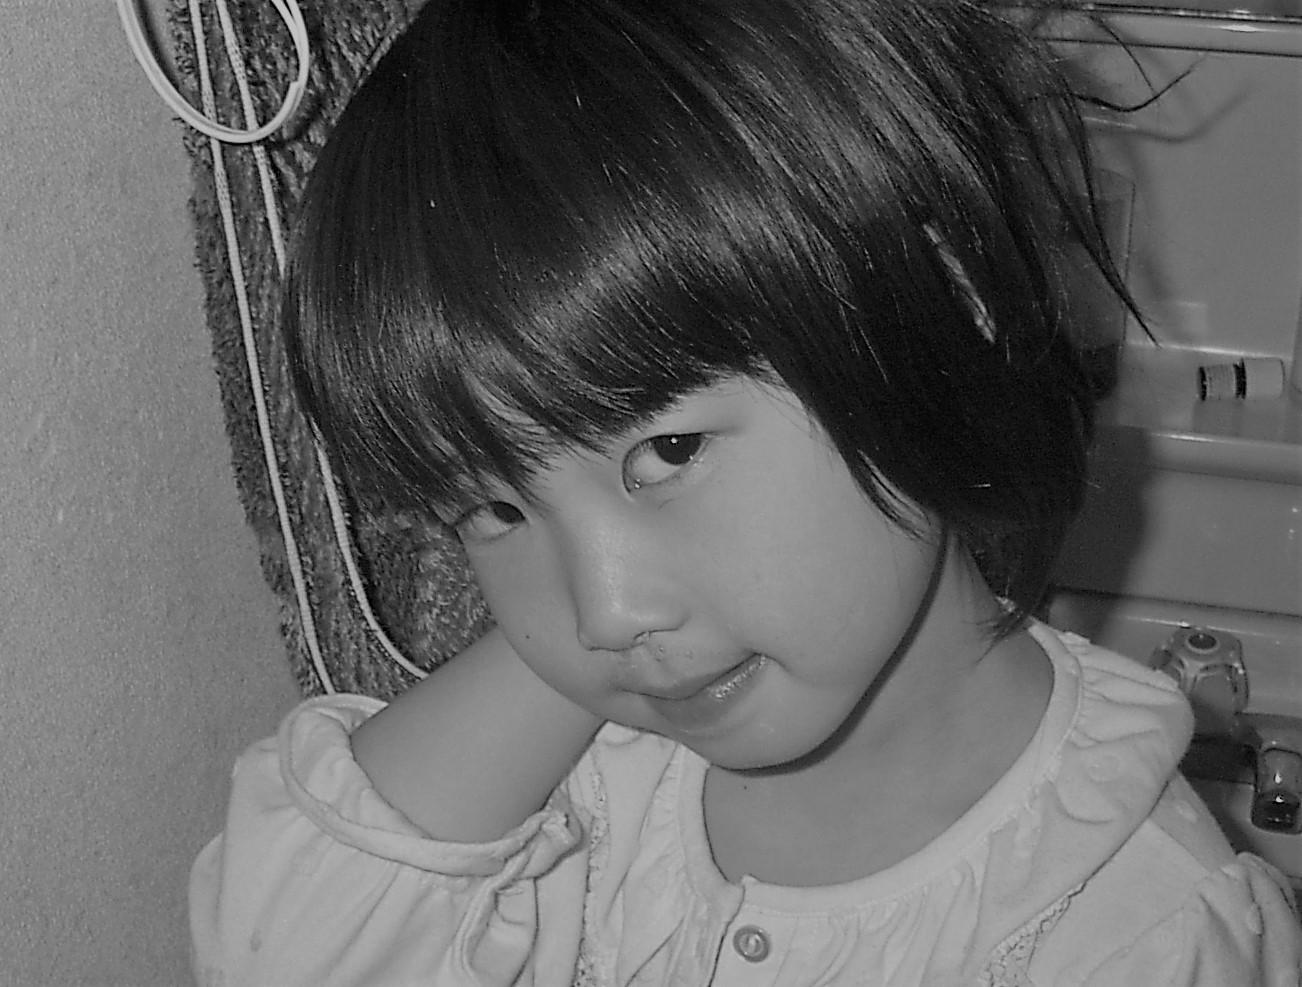 11月15日 今日は娘の19歳の誕生日!_e0148909_09410856.jpg